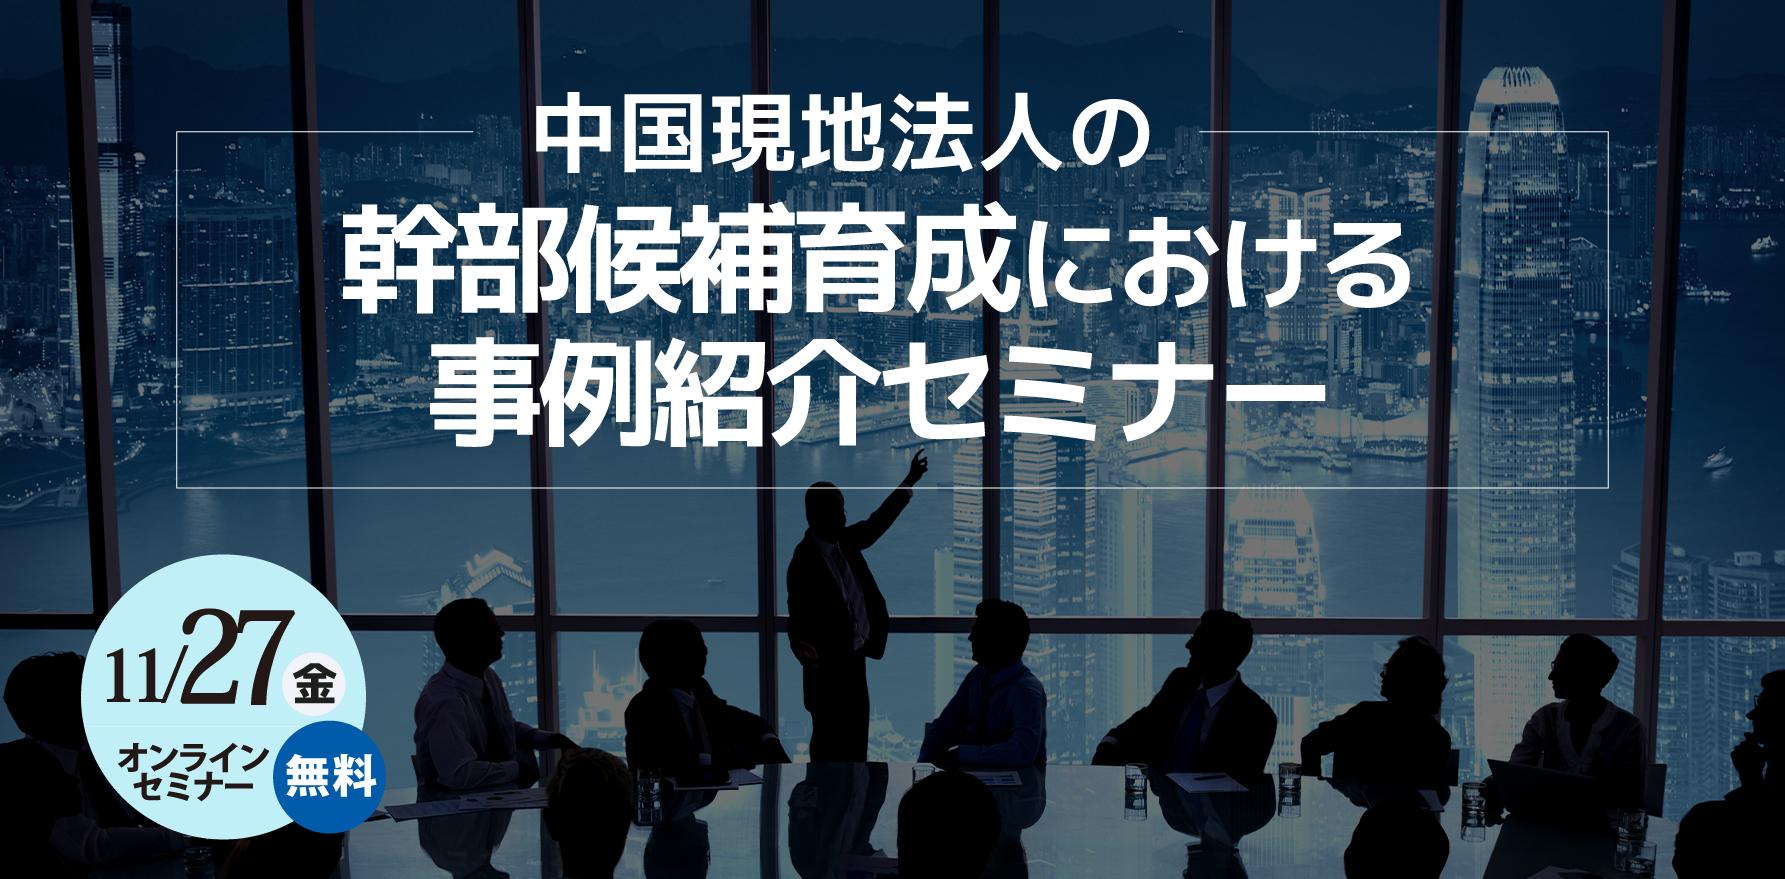 アルー株式会社無料セミナー